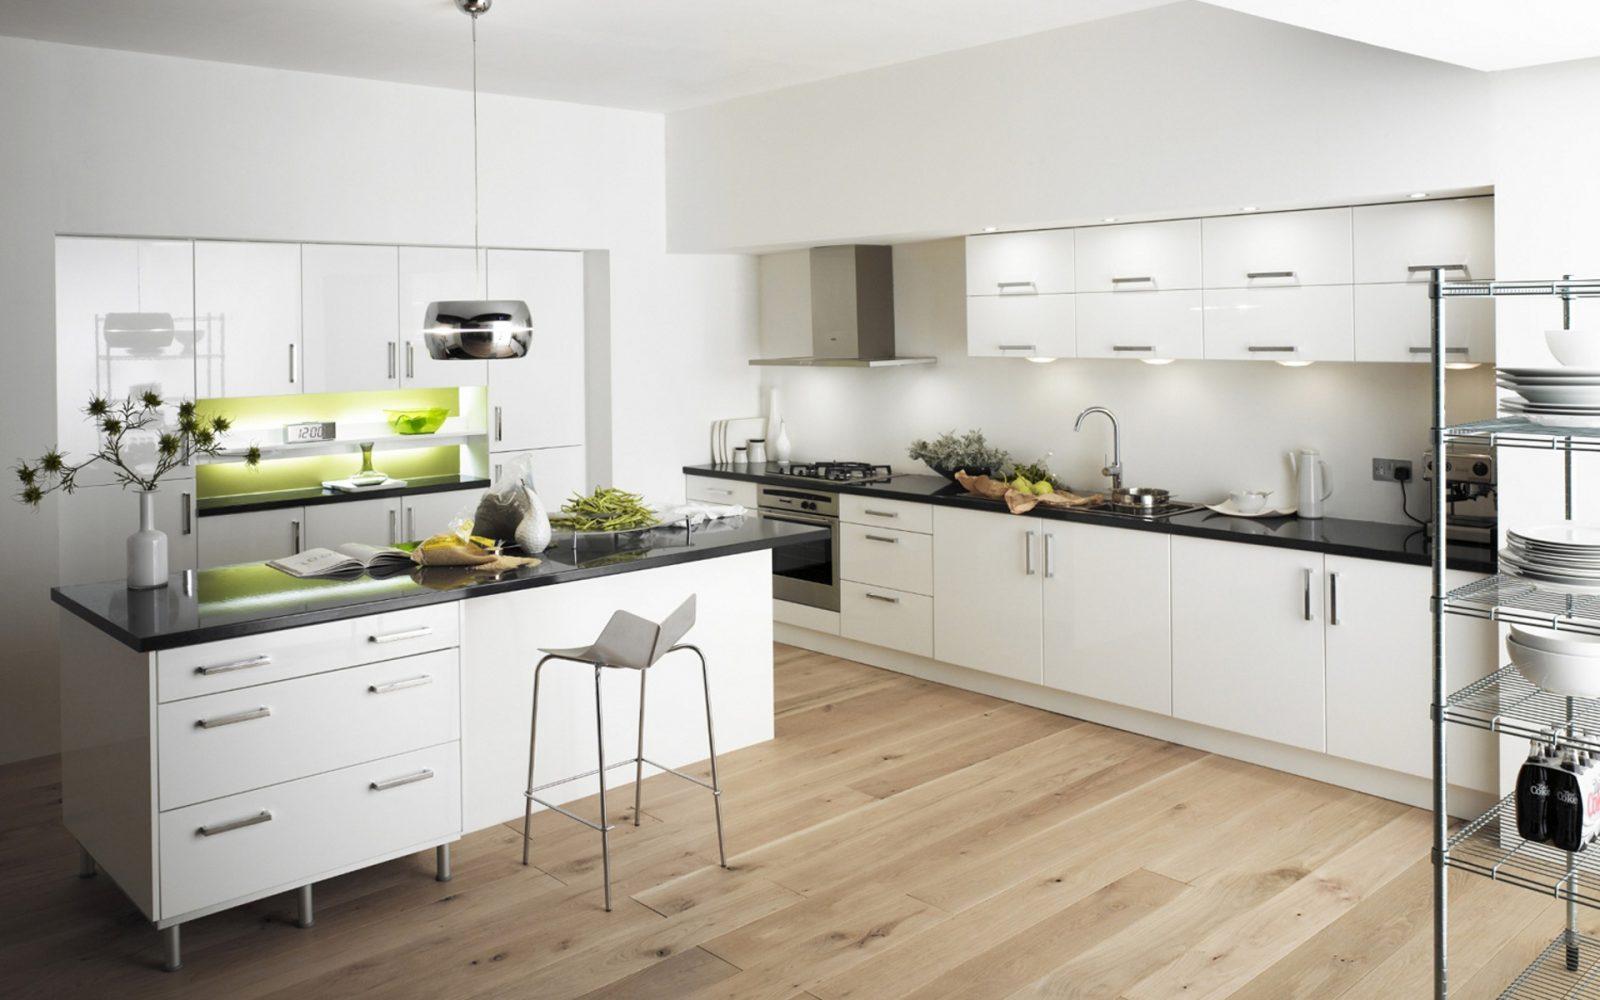 suelo-laminado-para-la-cocina